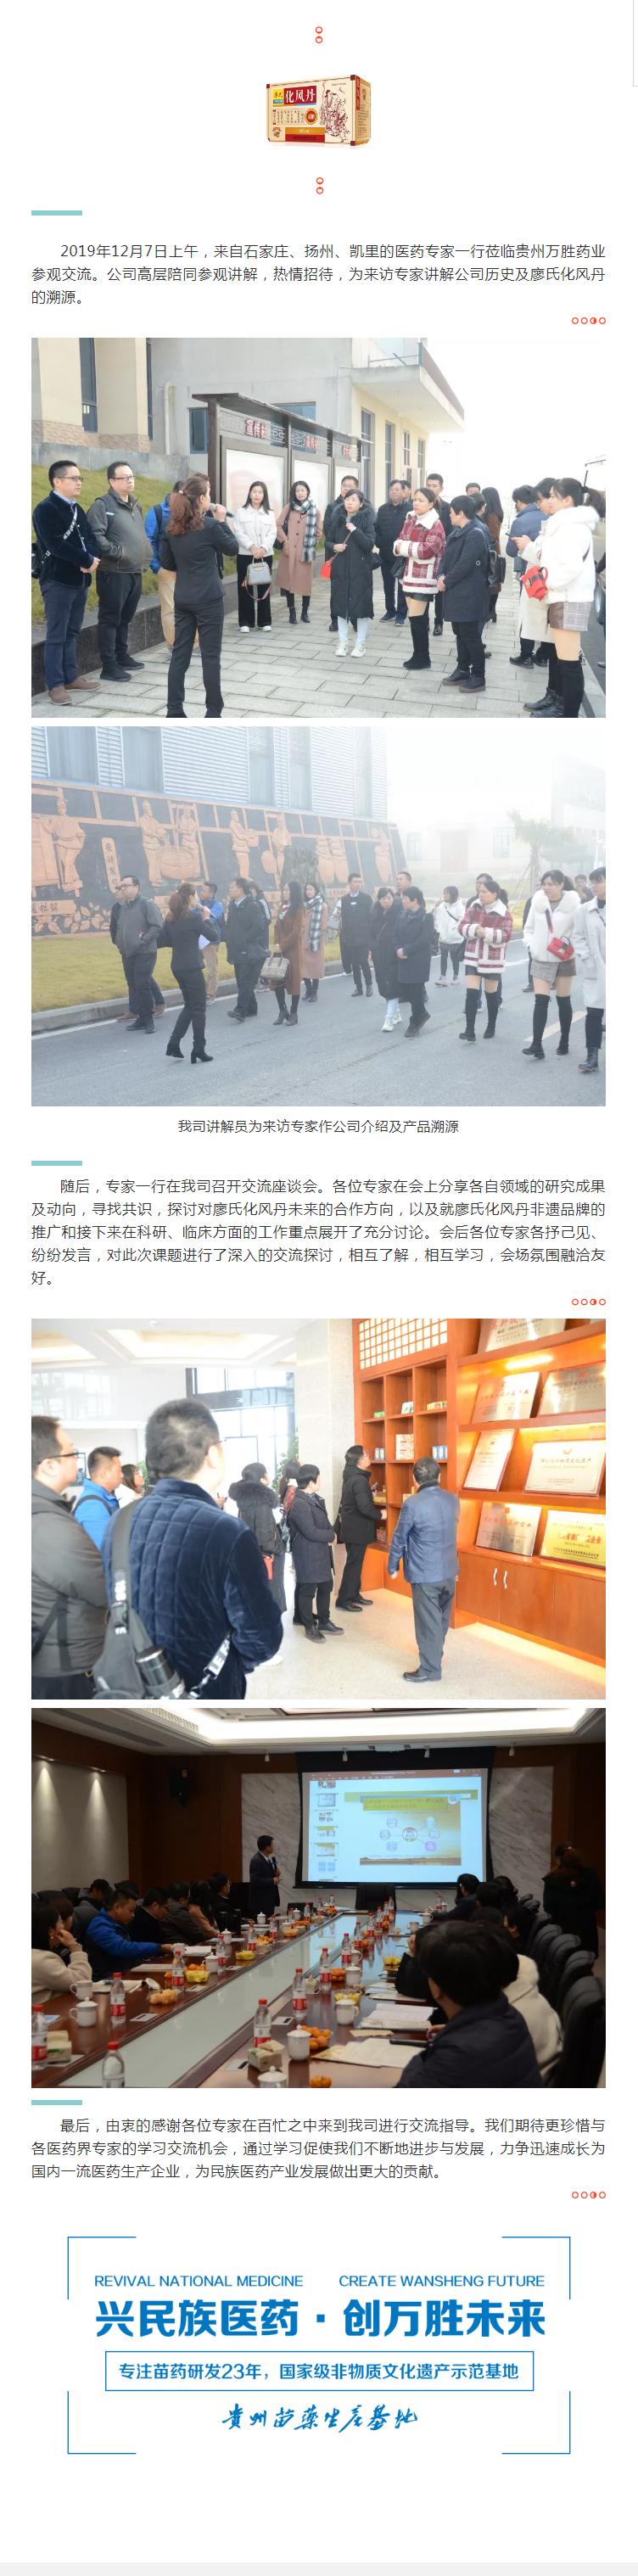 热烈欢迎石家庄、扬州、凯里医药专家莅临我厂参观交流.jpg